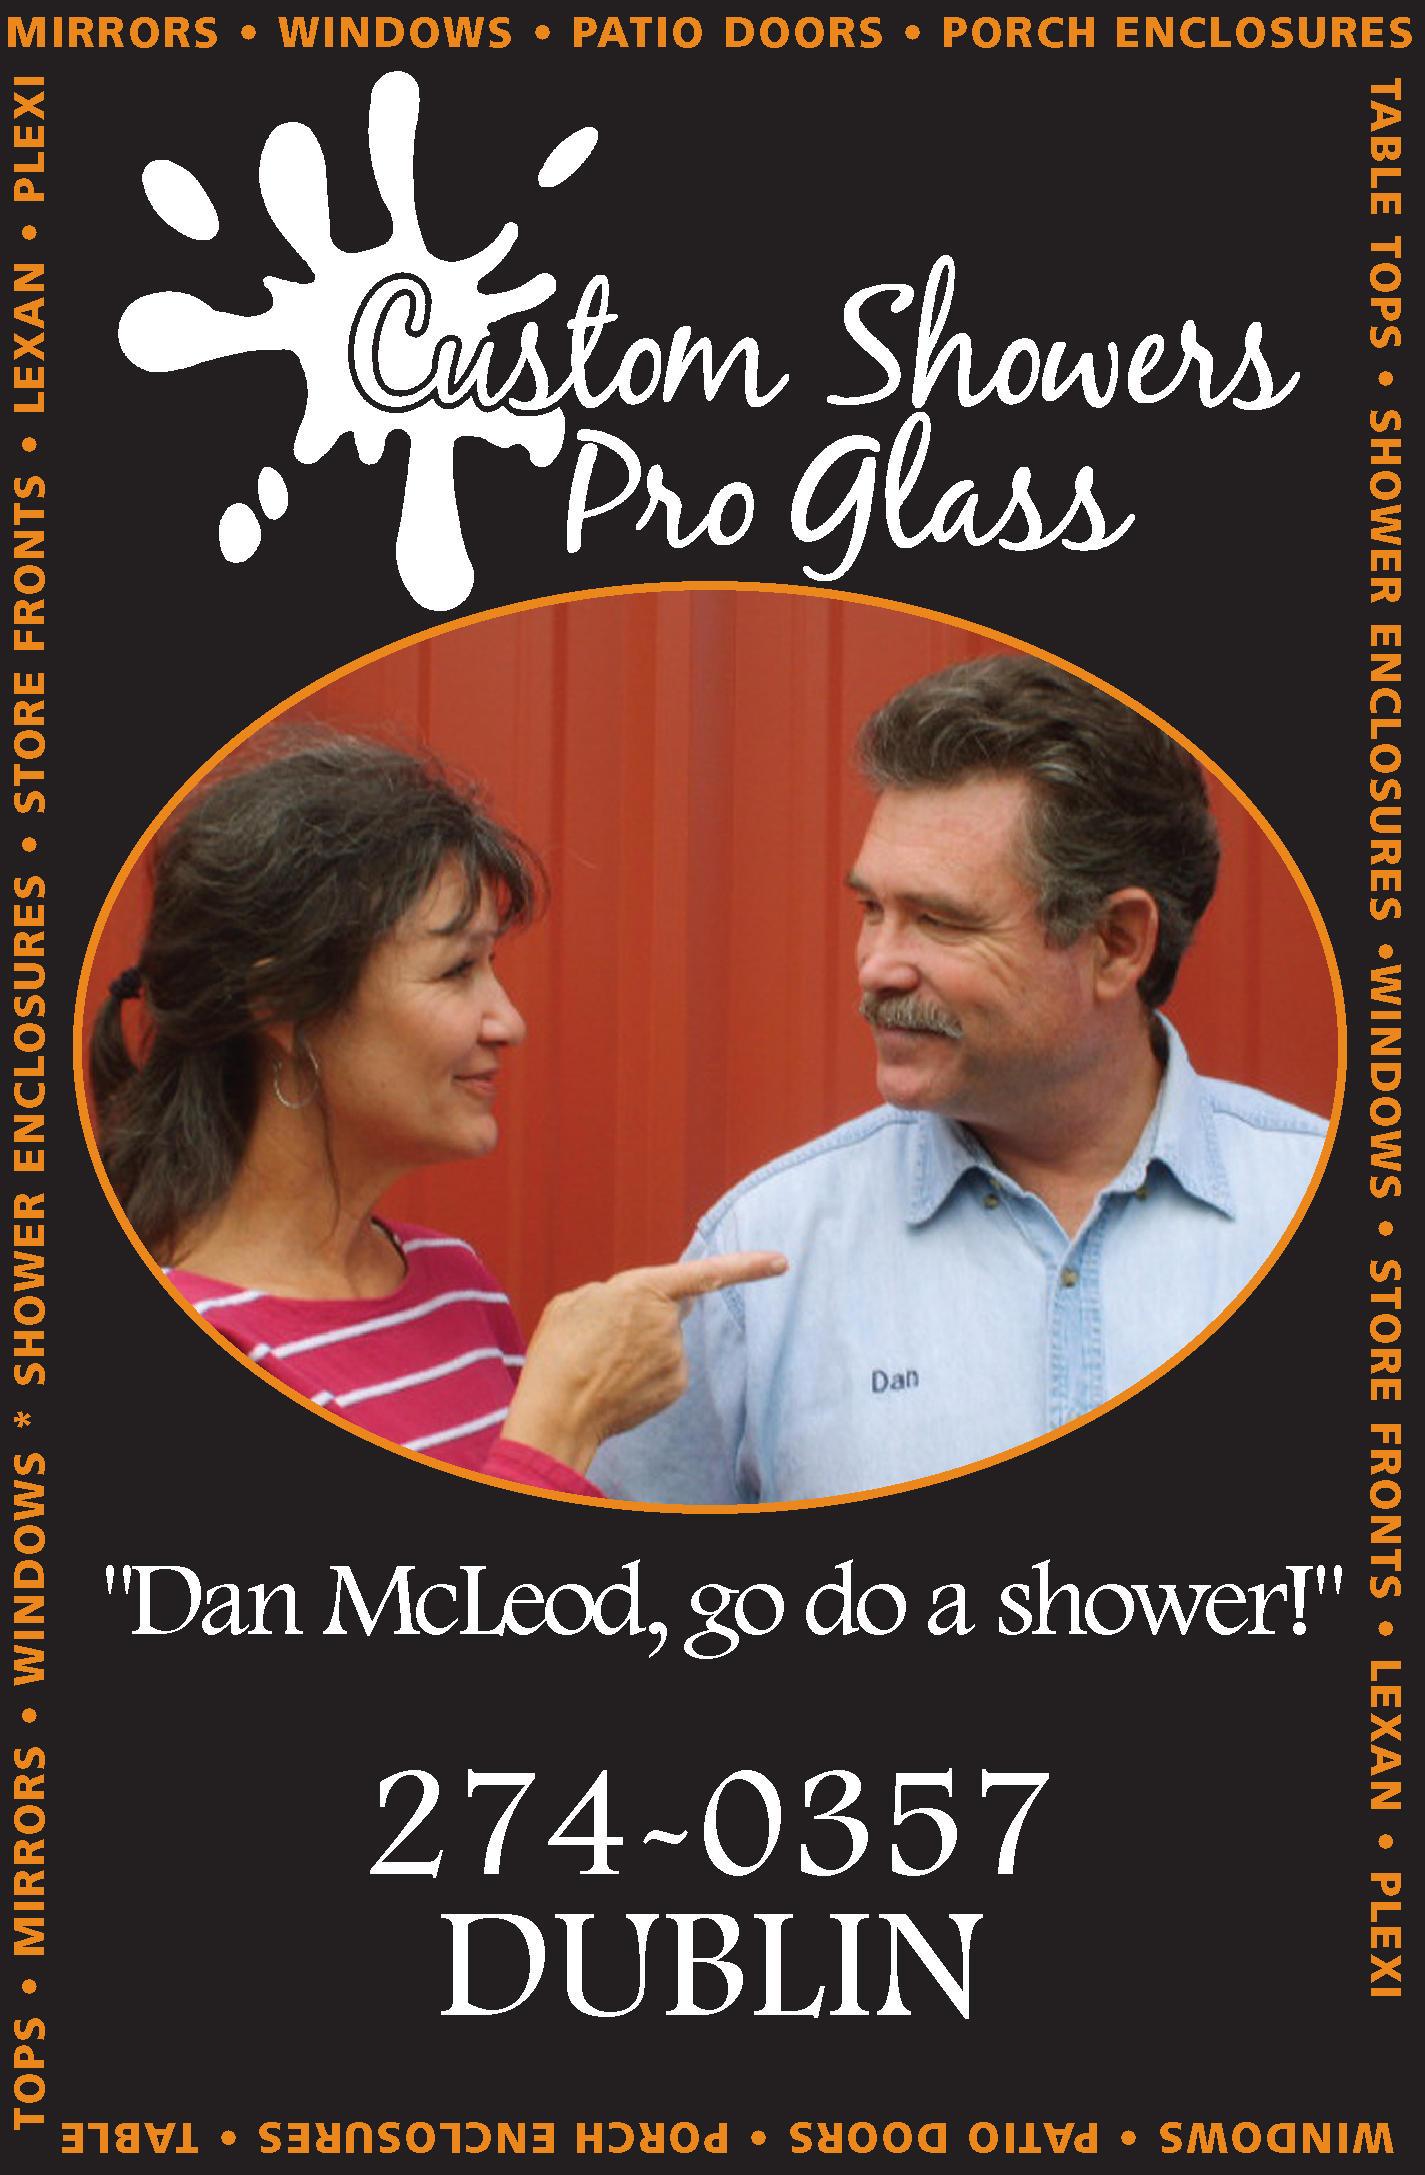 custom showers pro glass. Custom Showers Pro Glass in Dublin  GA 478 274 0